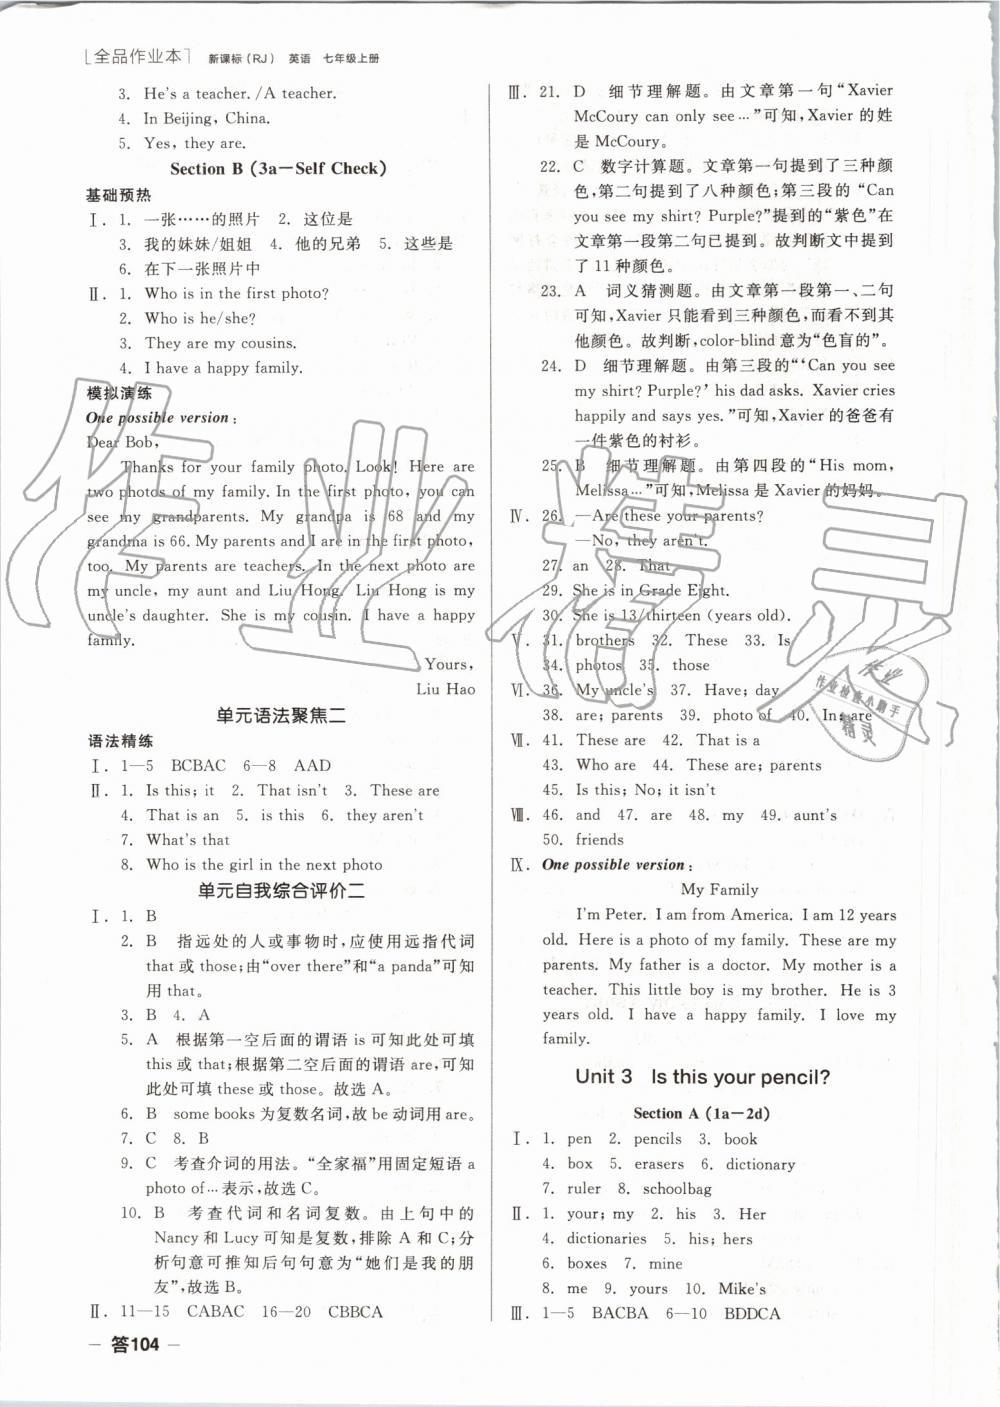 2019年全品作业本七年级英语上册人教版第4页